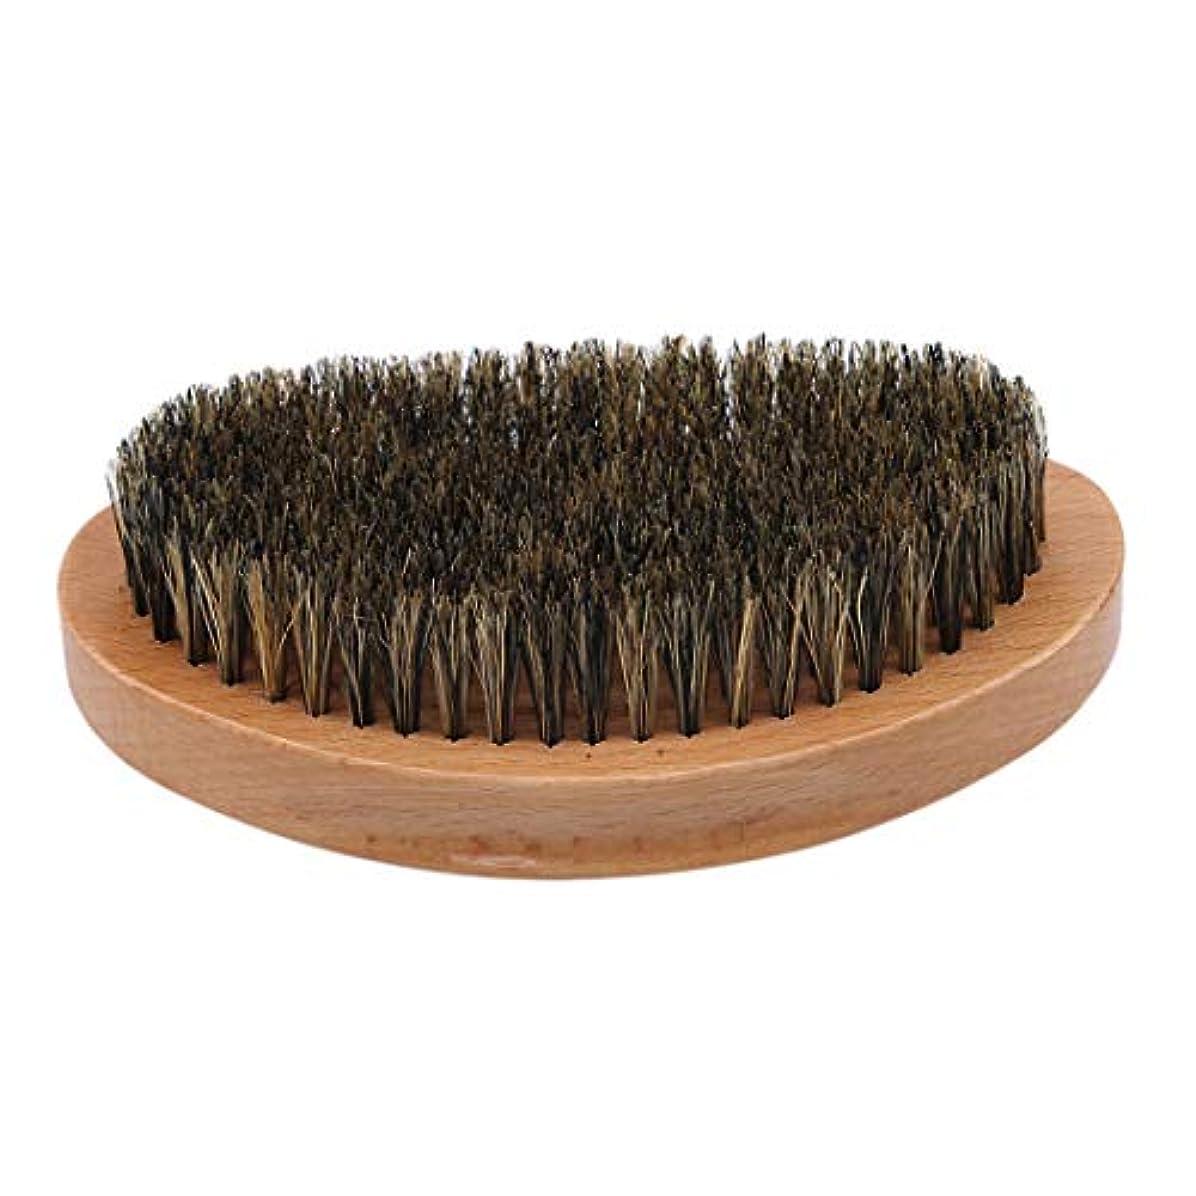 ぴったり薬を飲むダイジェストKLUMA ひげブラシ シェービングブラシ 髭剃り 毛髭ブラシ 泡立ち 理容 美容ツール 旅行用 1#